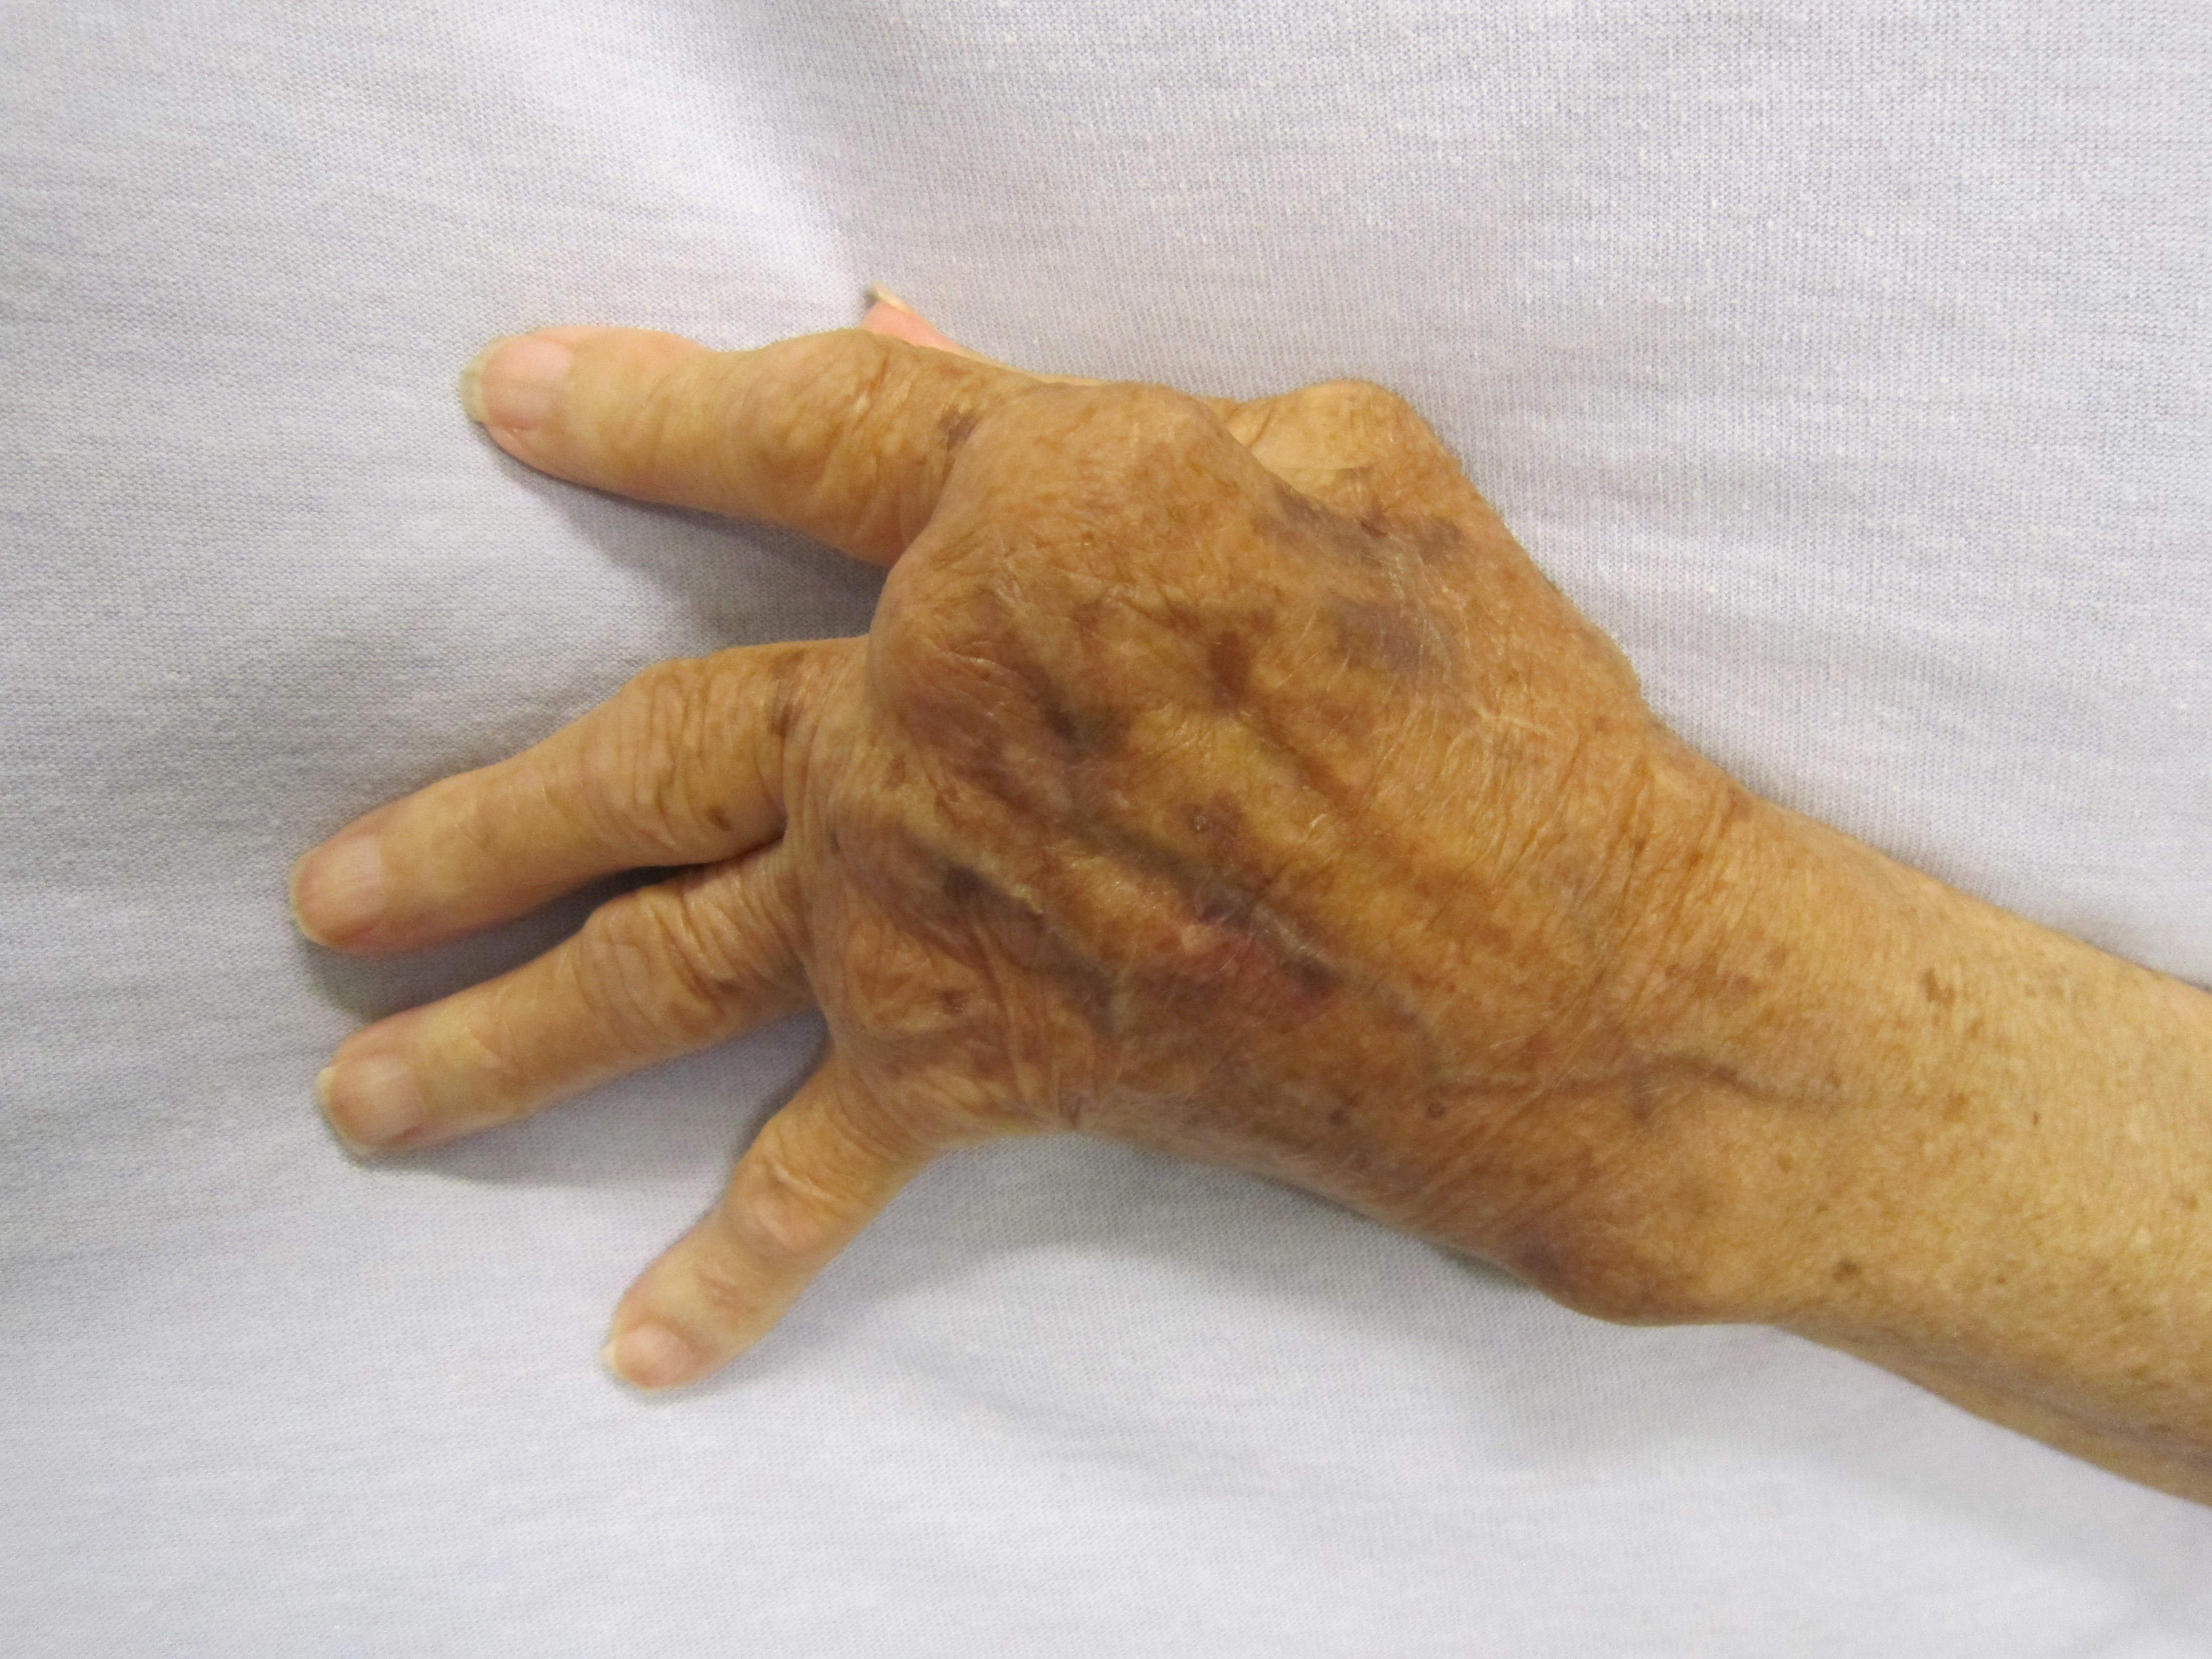 súlyos fájdalom a jobb kéz ízületében